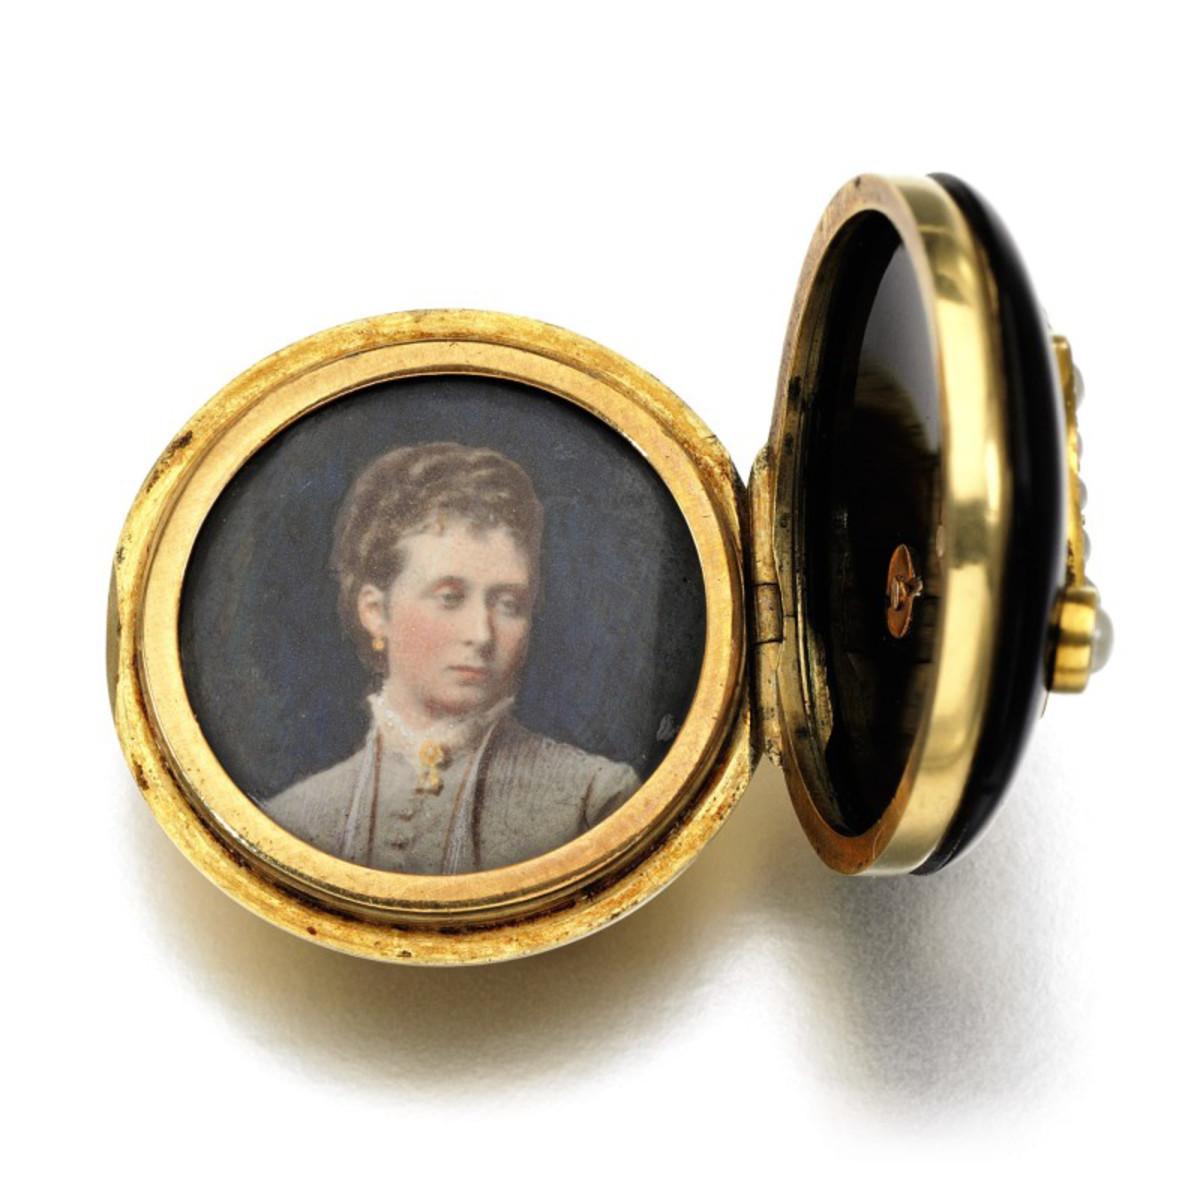 The miniature portrait of Princess Alice.